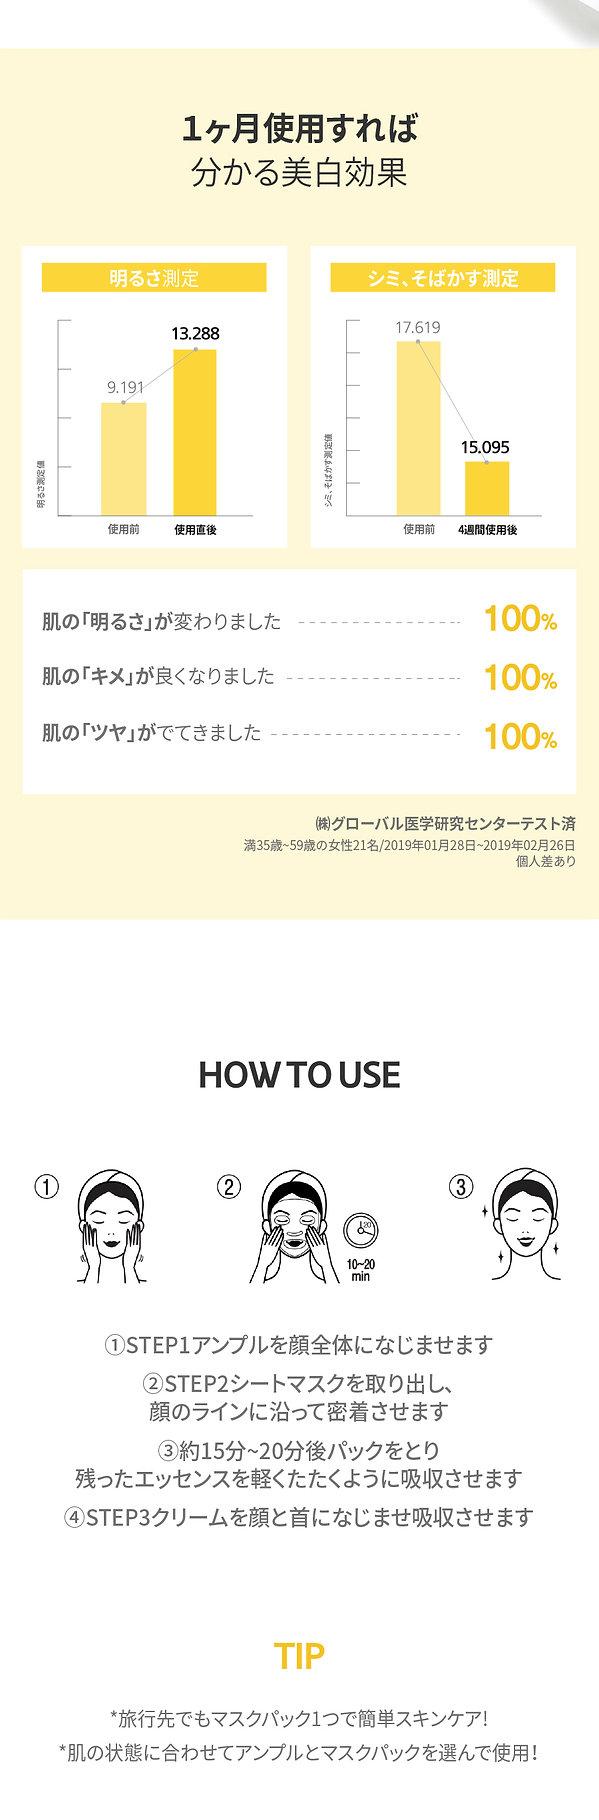 미구하라 마스크팩 -퍼펙션 스킨 상세페이지_03.jpg